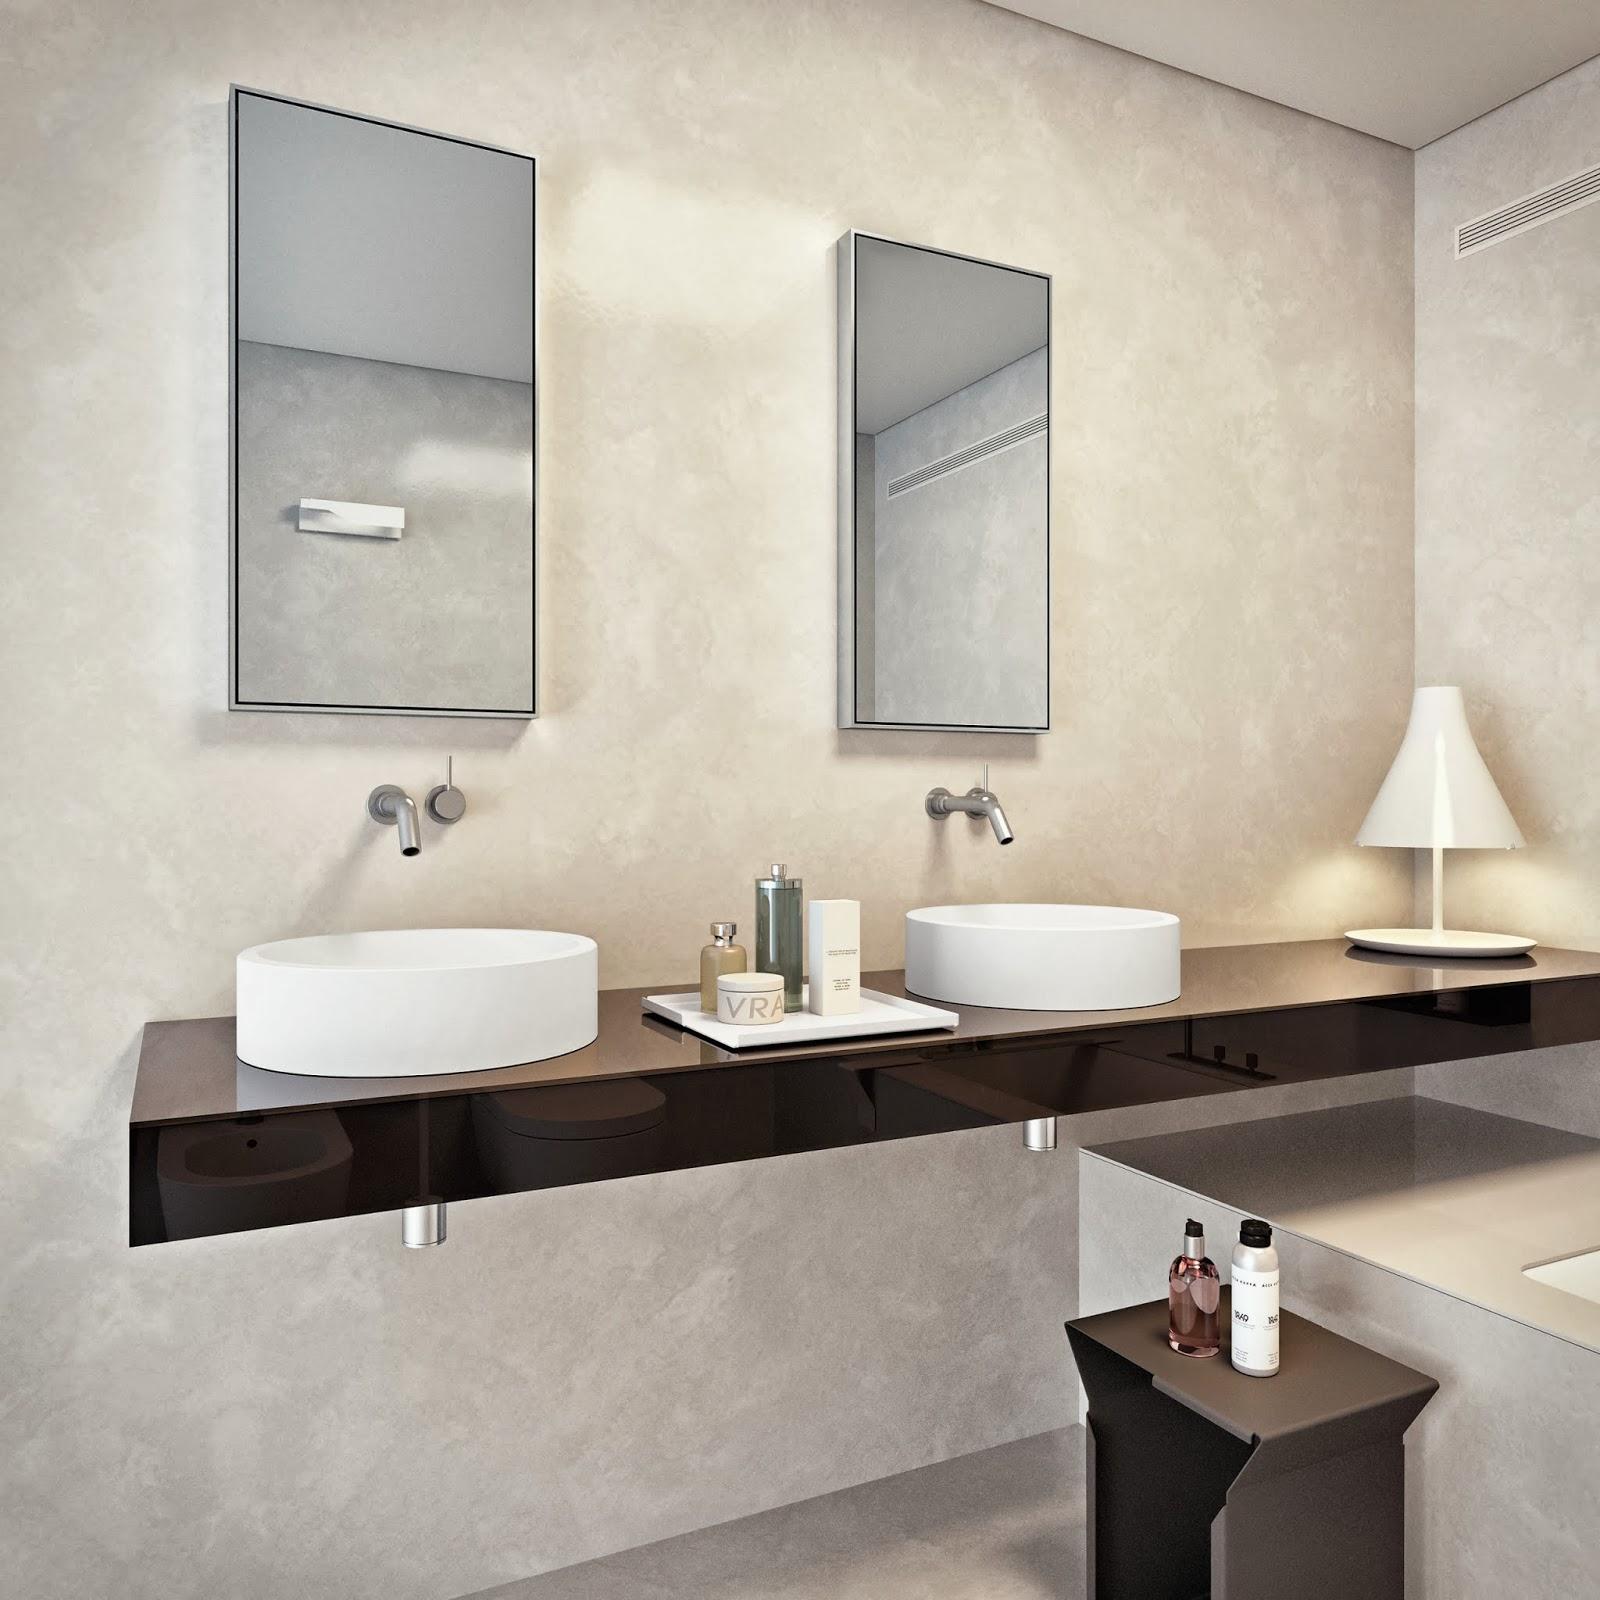 Muebles lavabo redondo 20170828023434 - Muebles para lavabos sobre encimera ...